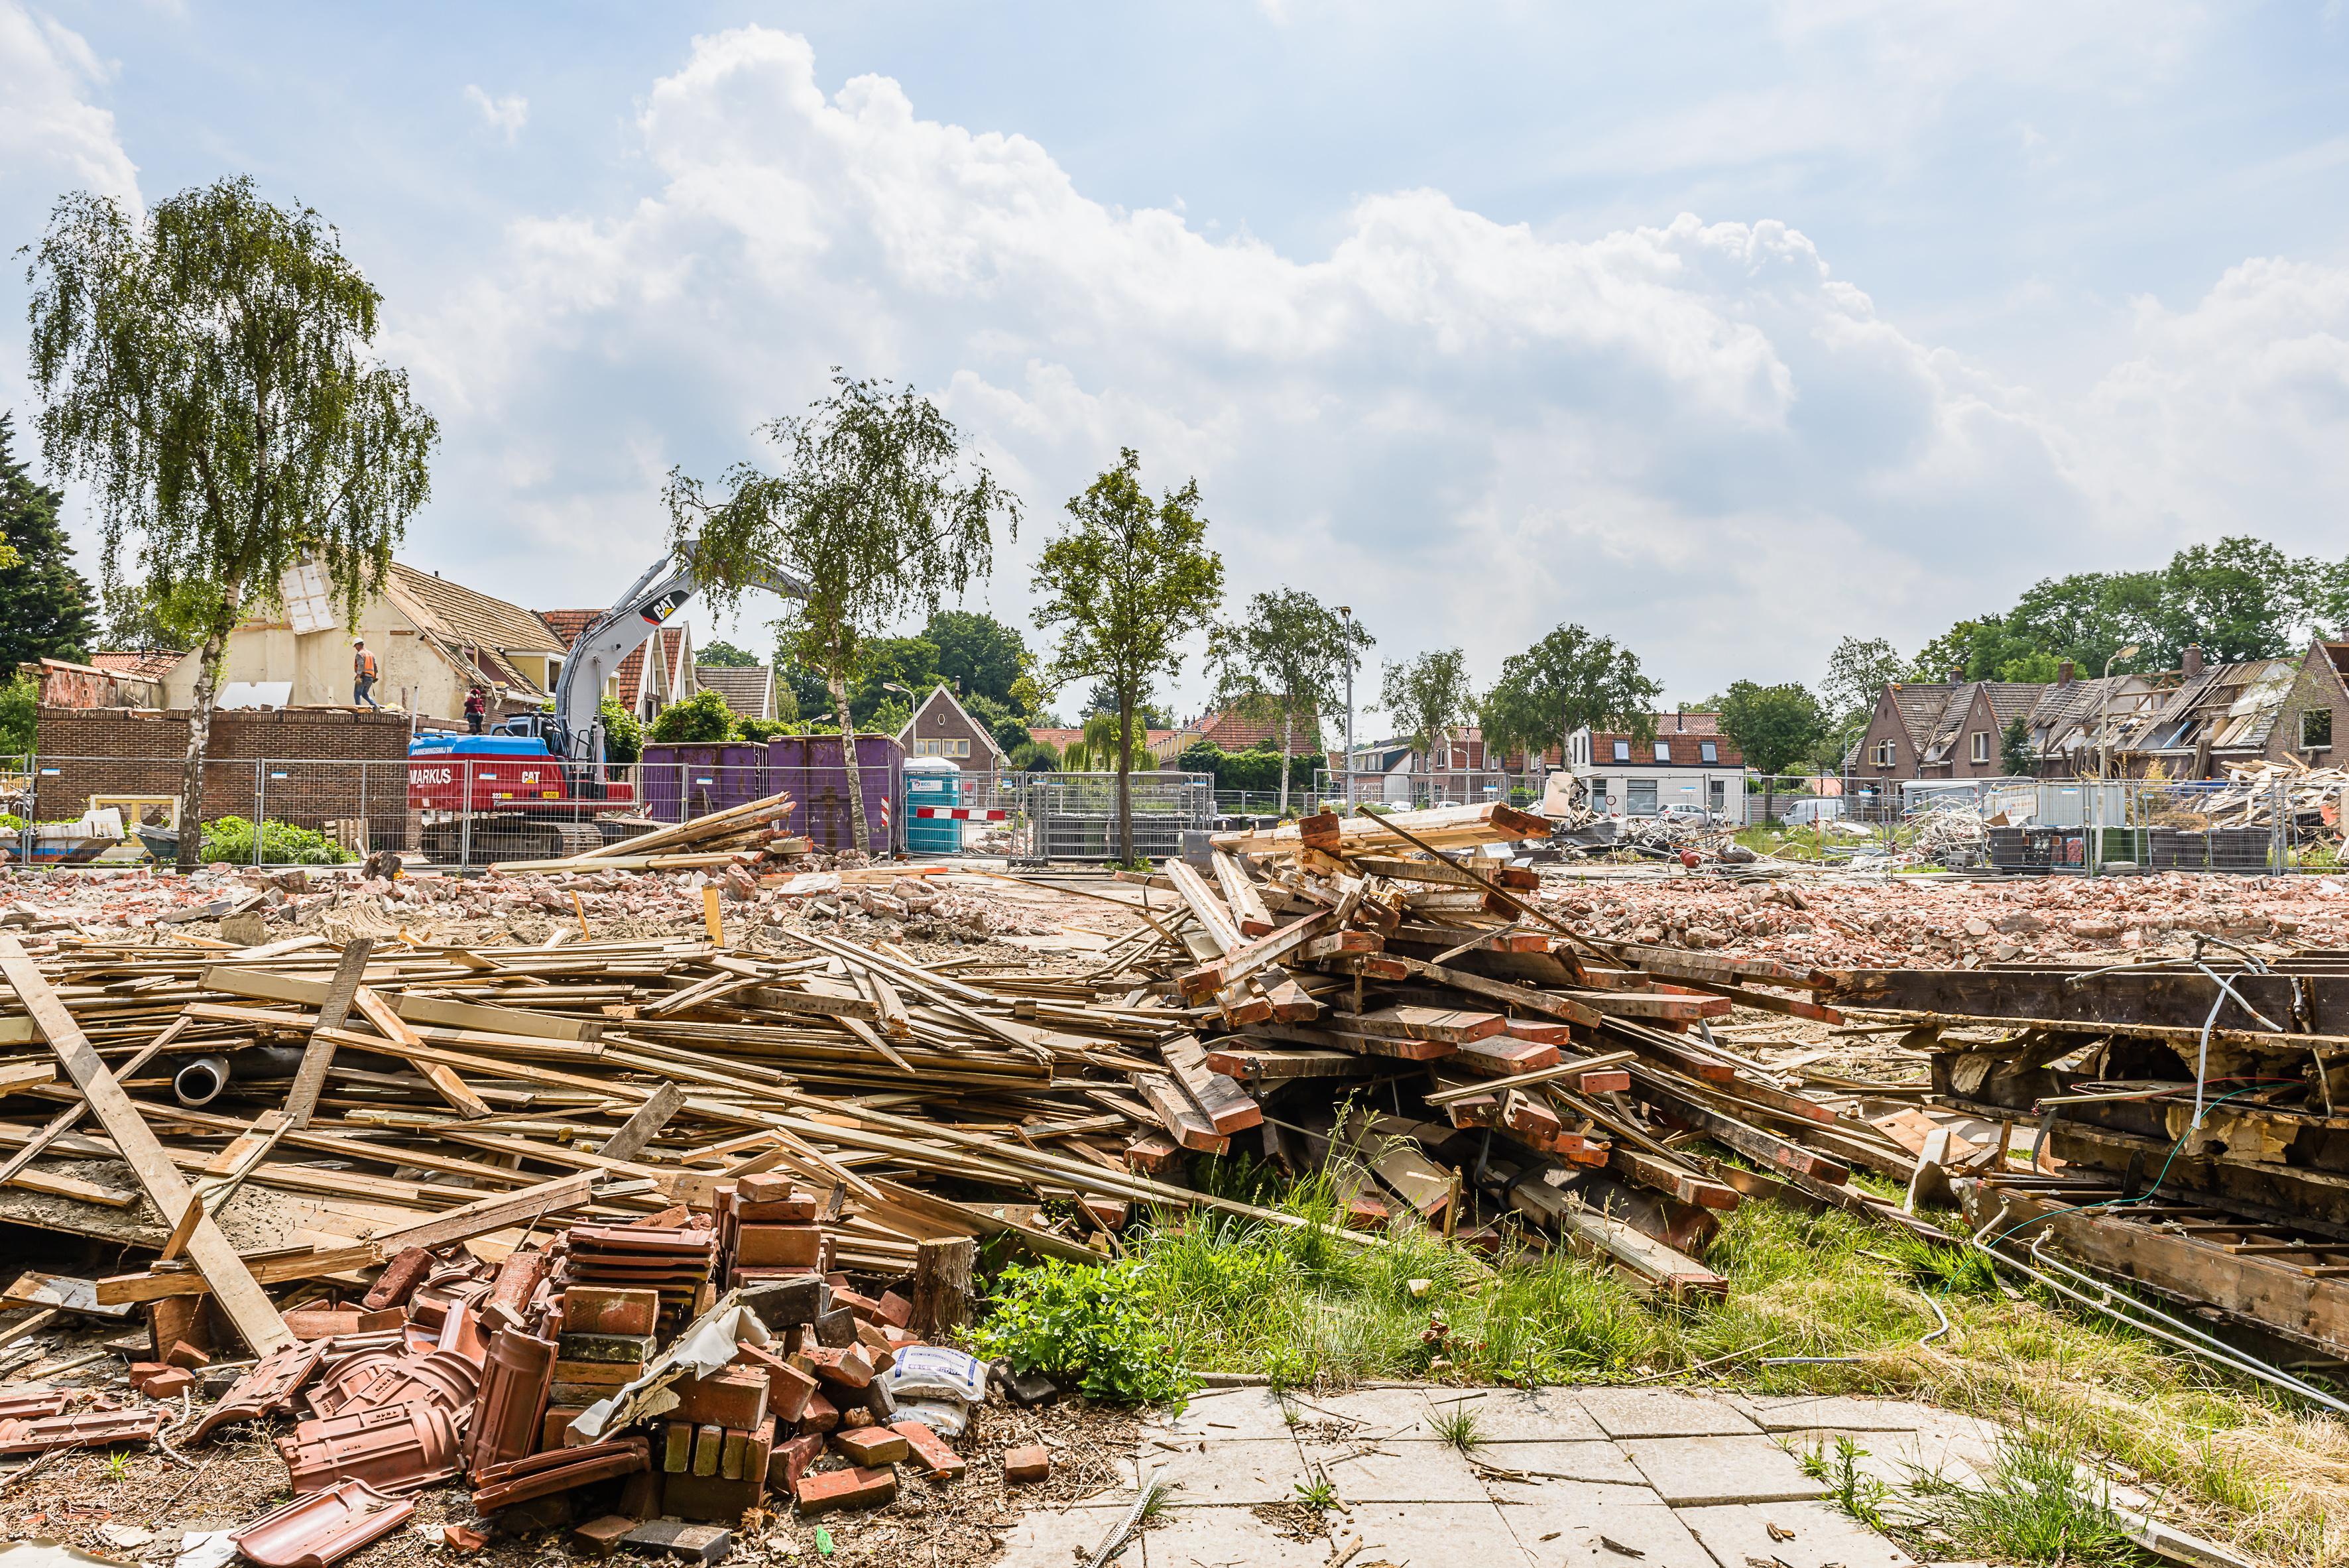 Woningcorporaties in Zaanstad willen af van eindeloos behoud van erfgoed